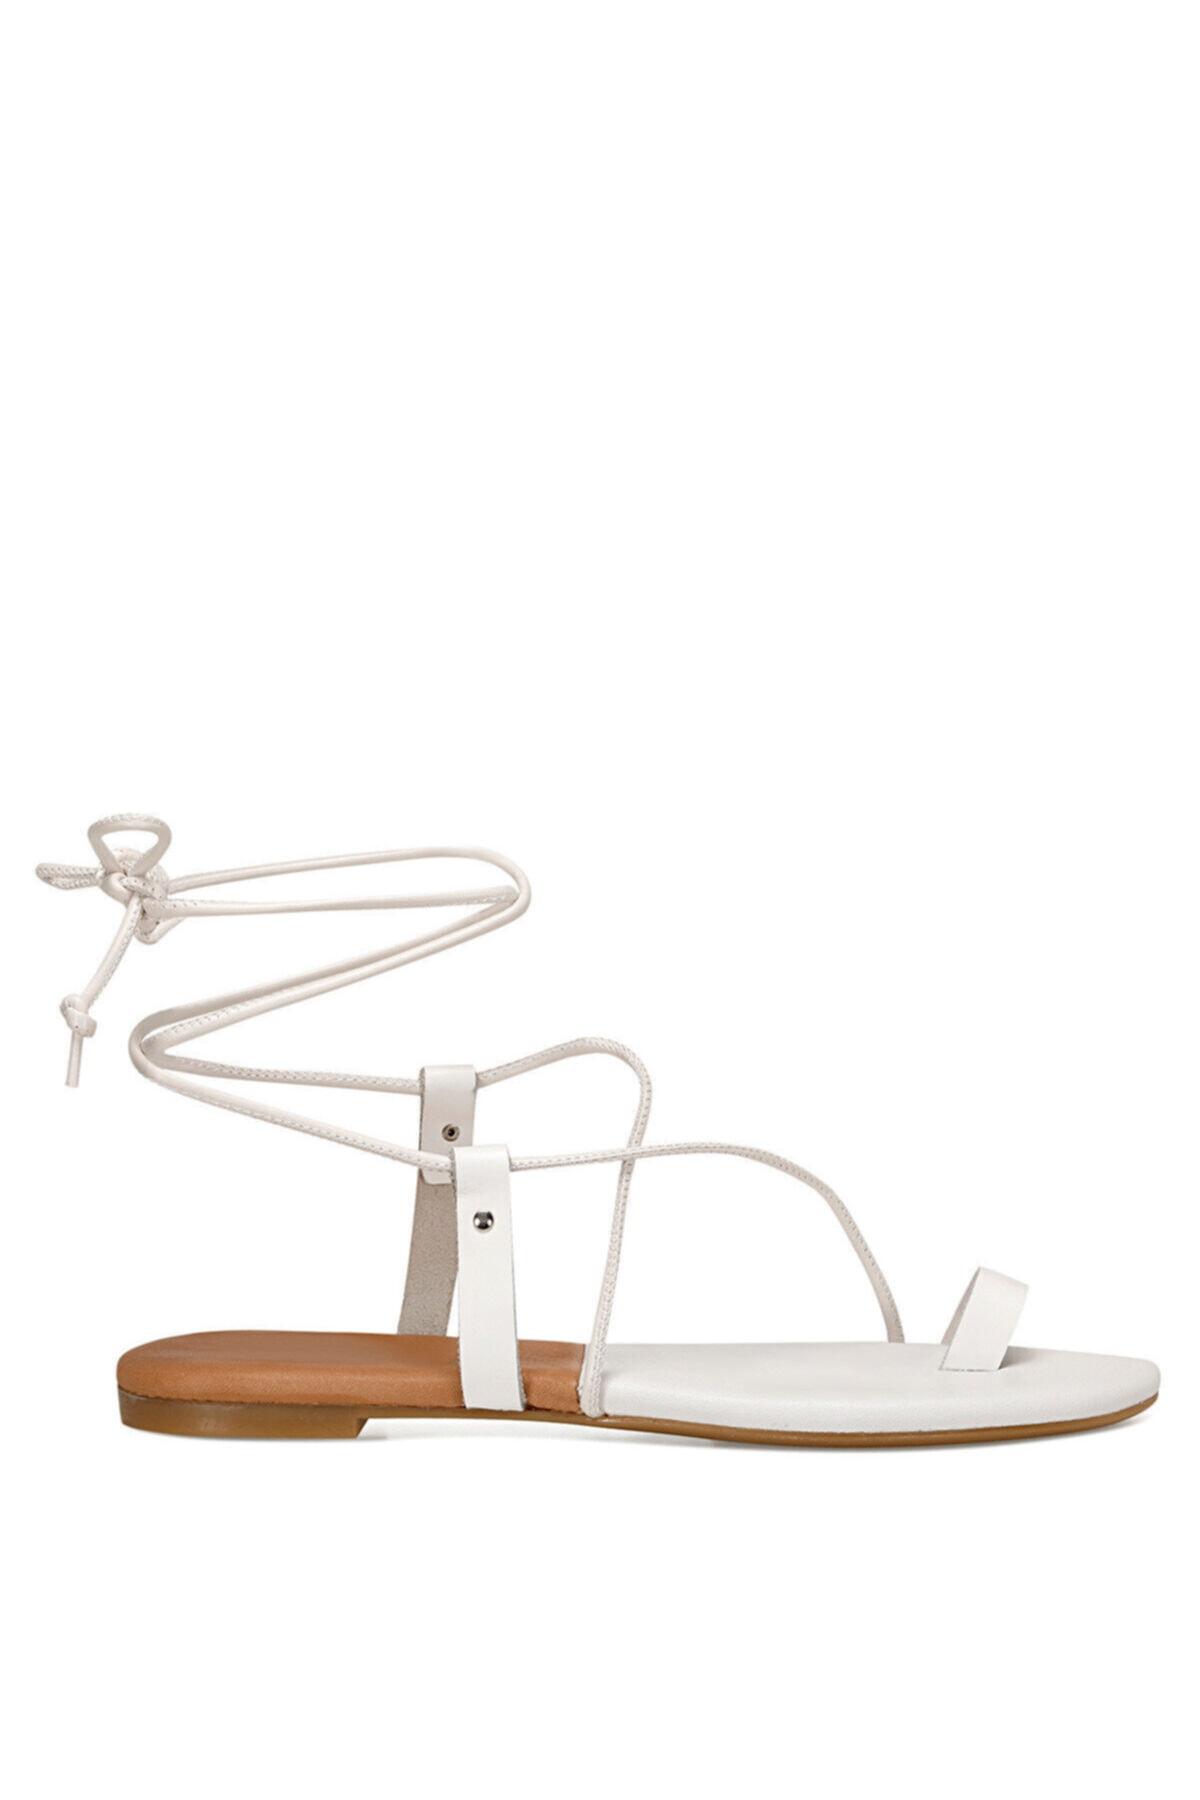 Nine West ALEX Beyaz Kadın Sandalet 100526325 1